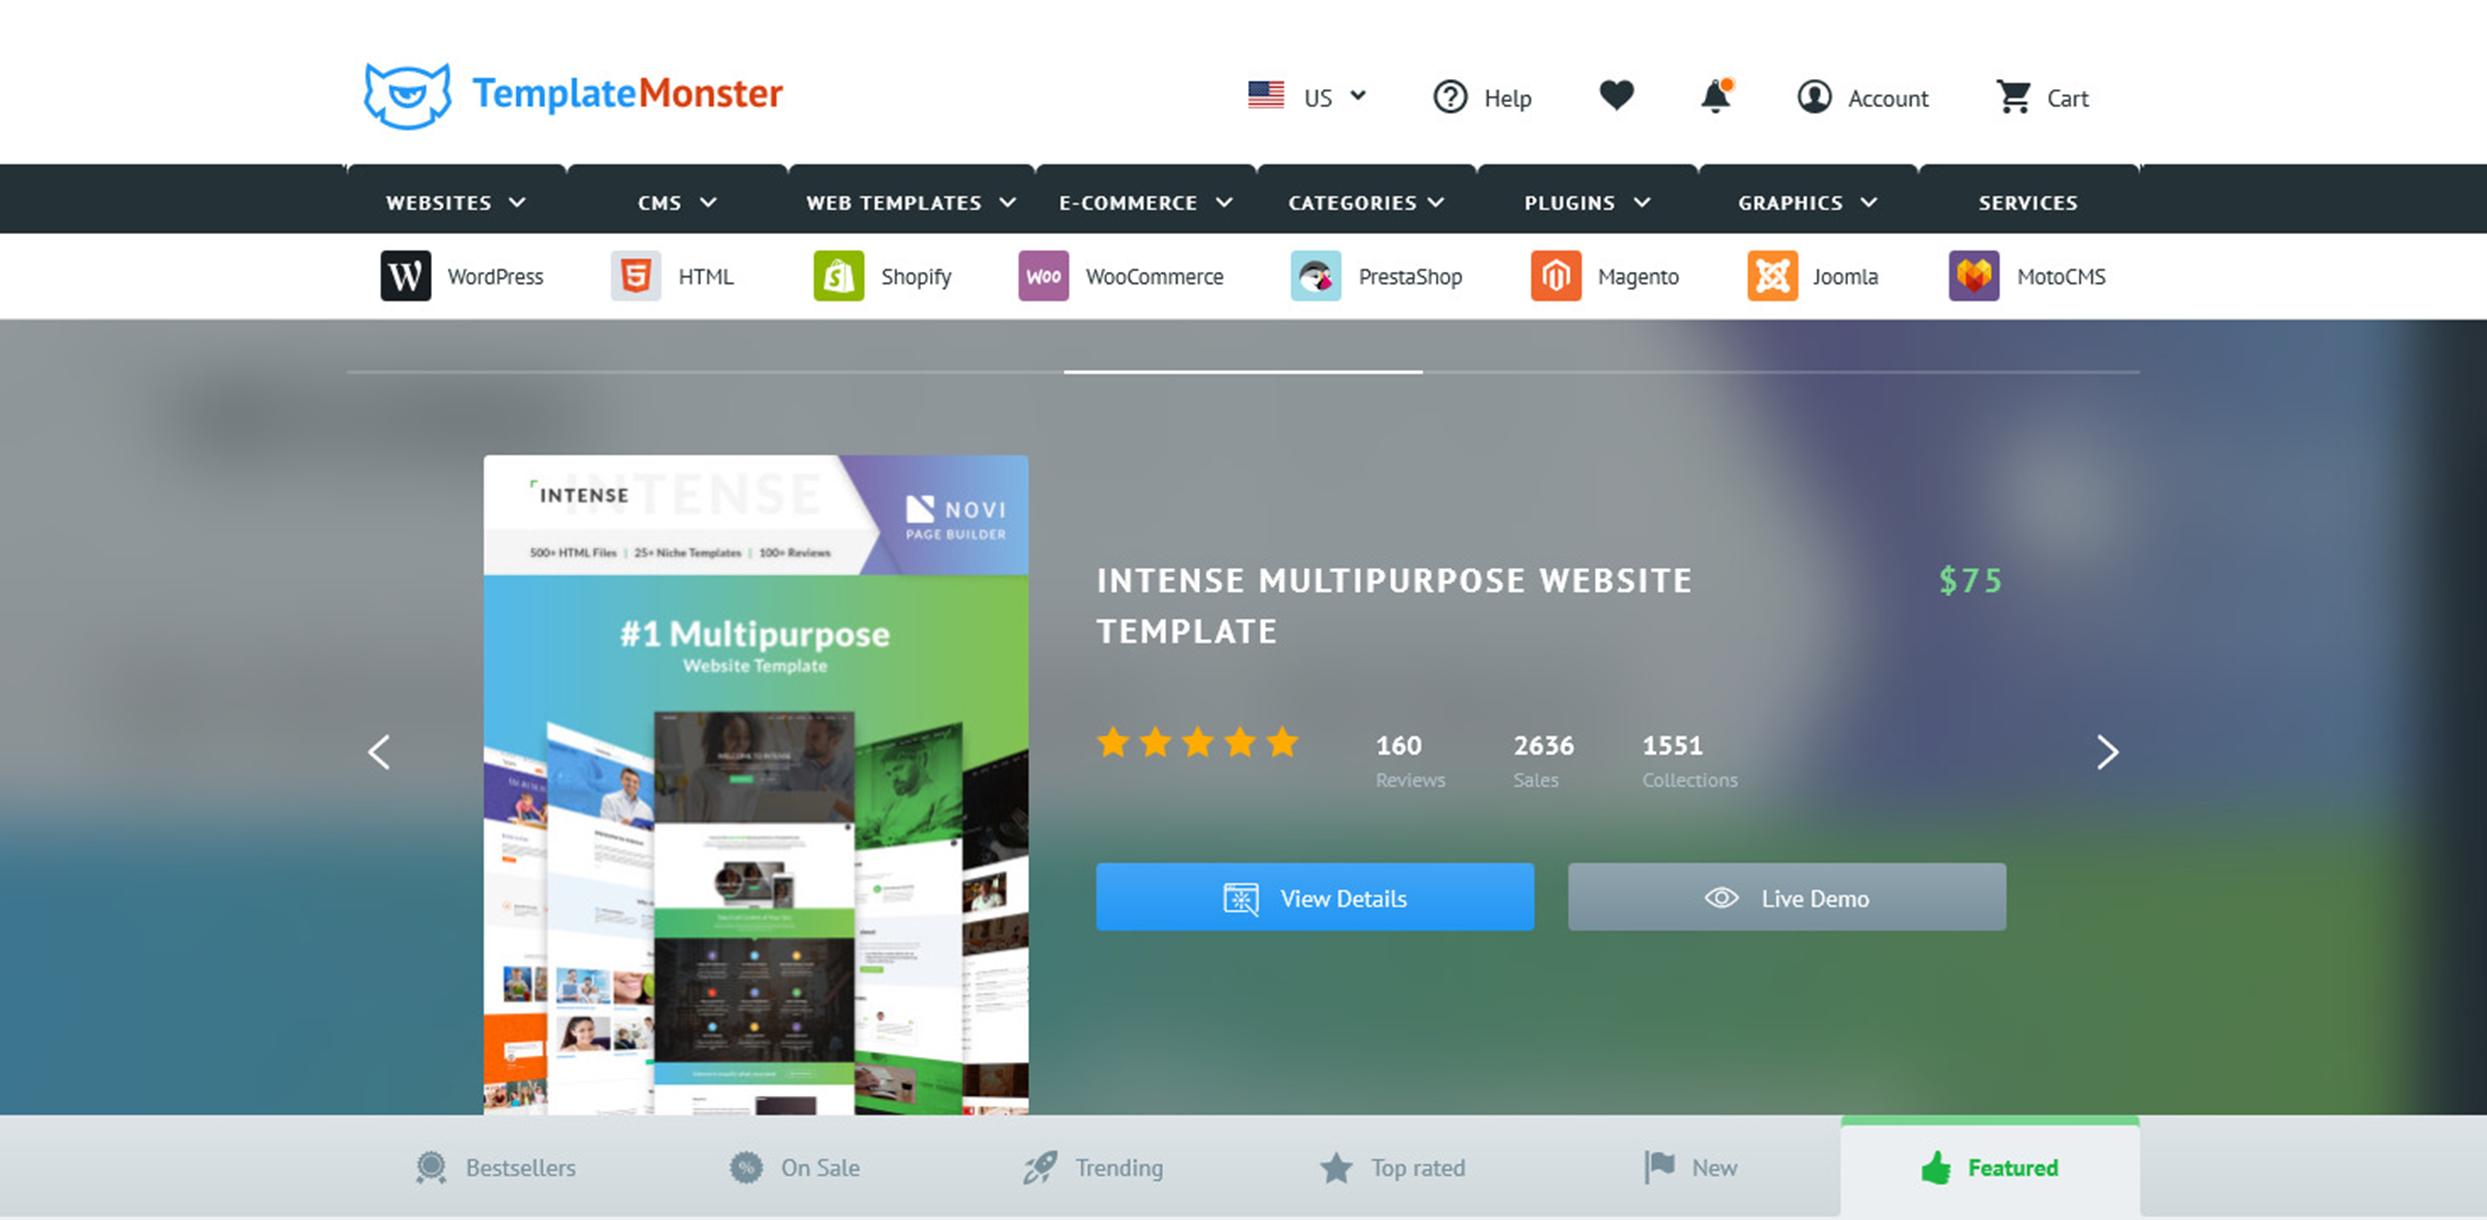 WordPress Deals and Discounts for Halloween 2018 - TemplateMonster